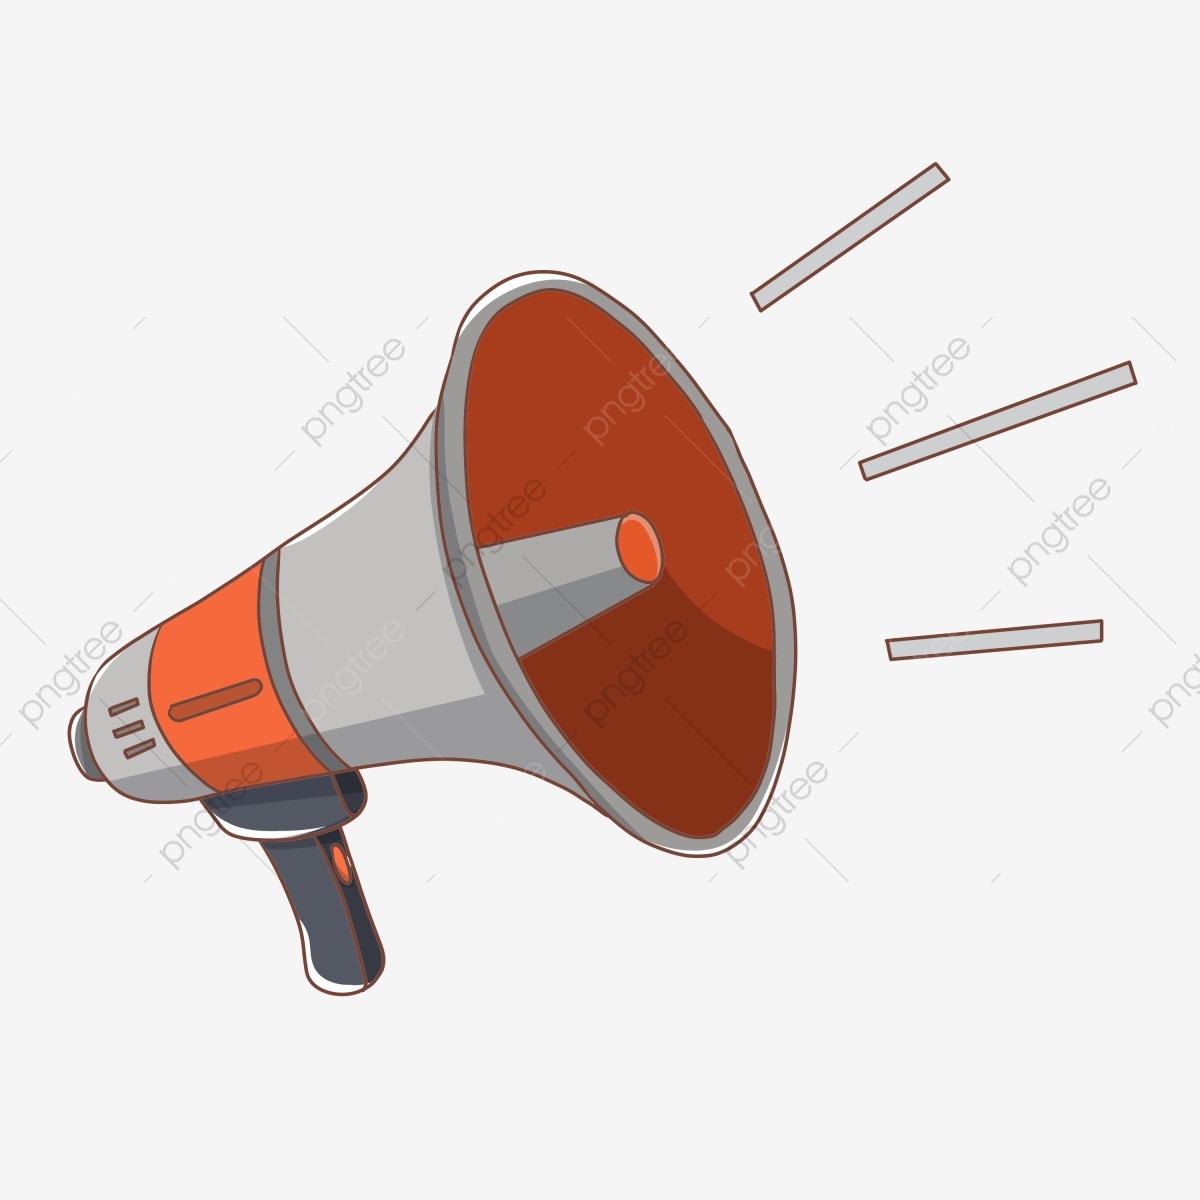 Horn clipart hand speaker. Drawn shout cartoon little